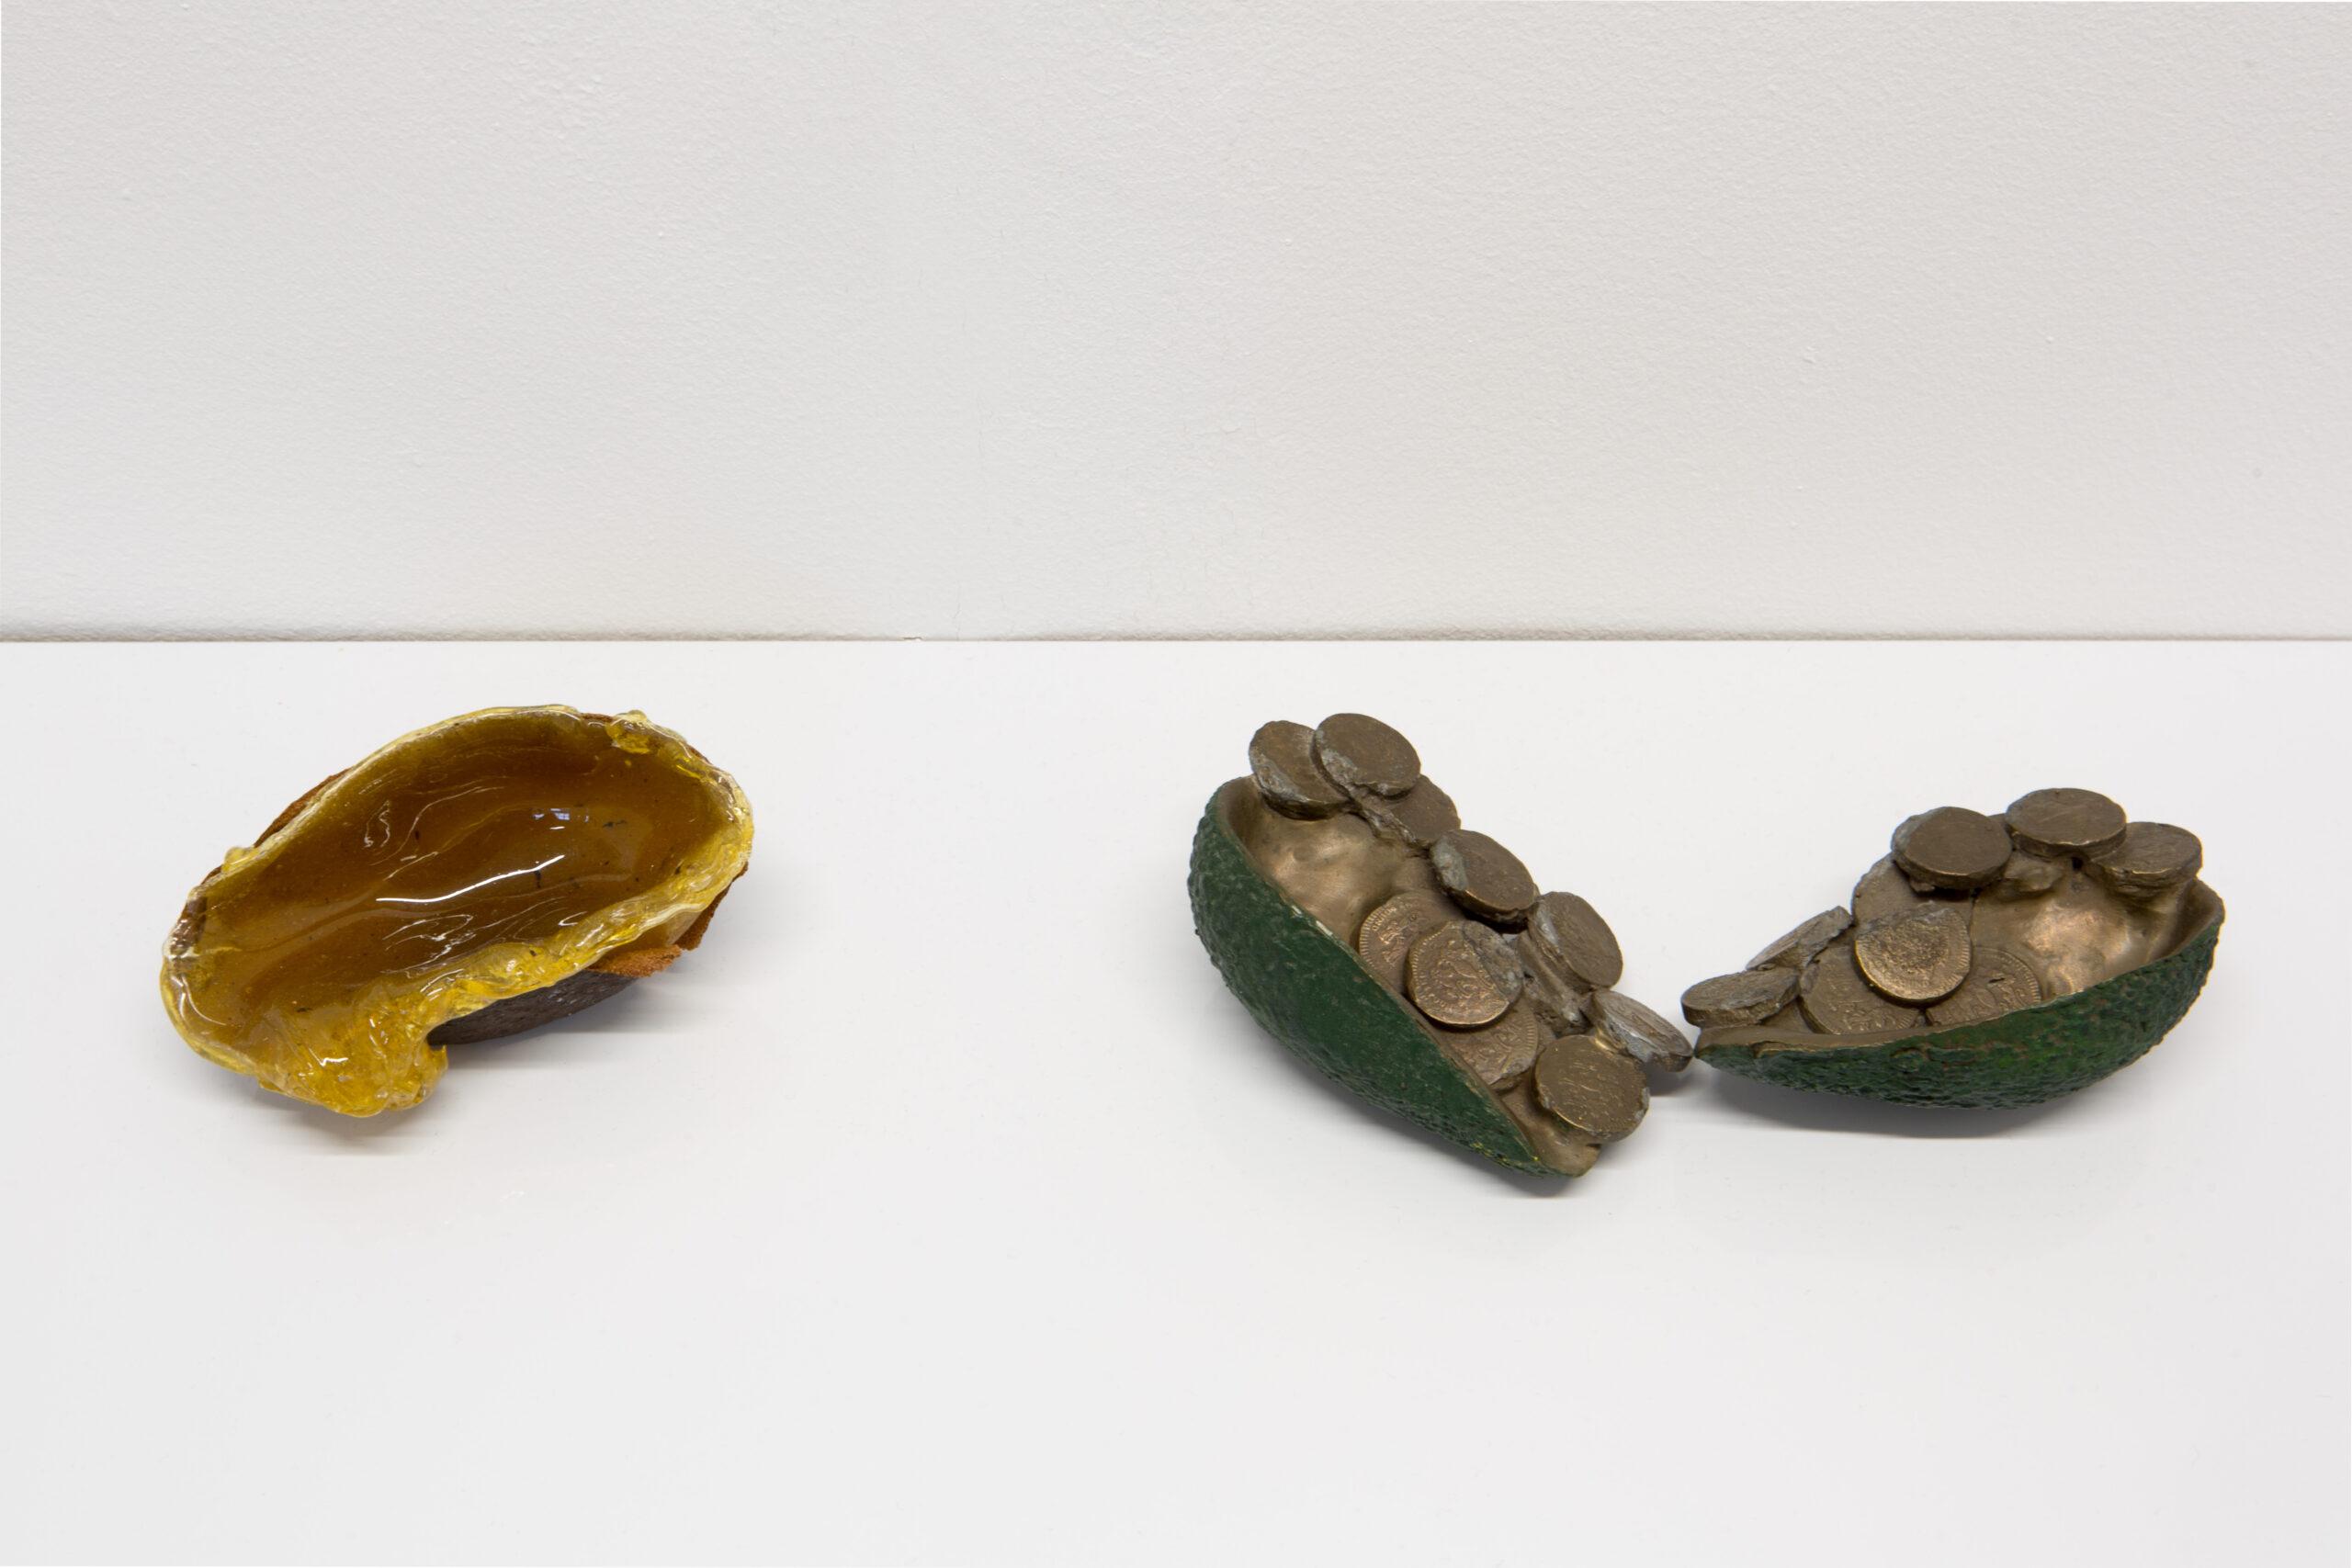 Lana Locke Avocado slime (2020) Glass wax and avocado skin, 5 cm x 11 cm x 6 cm. Lana Locke Avocado and coins (ii) (double) (2012) Bronze, 5 cm x 16 cm x 12 cm.